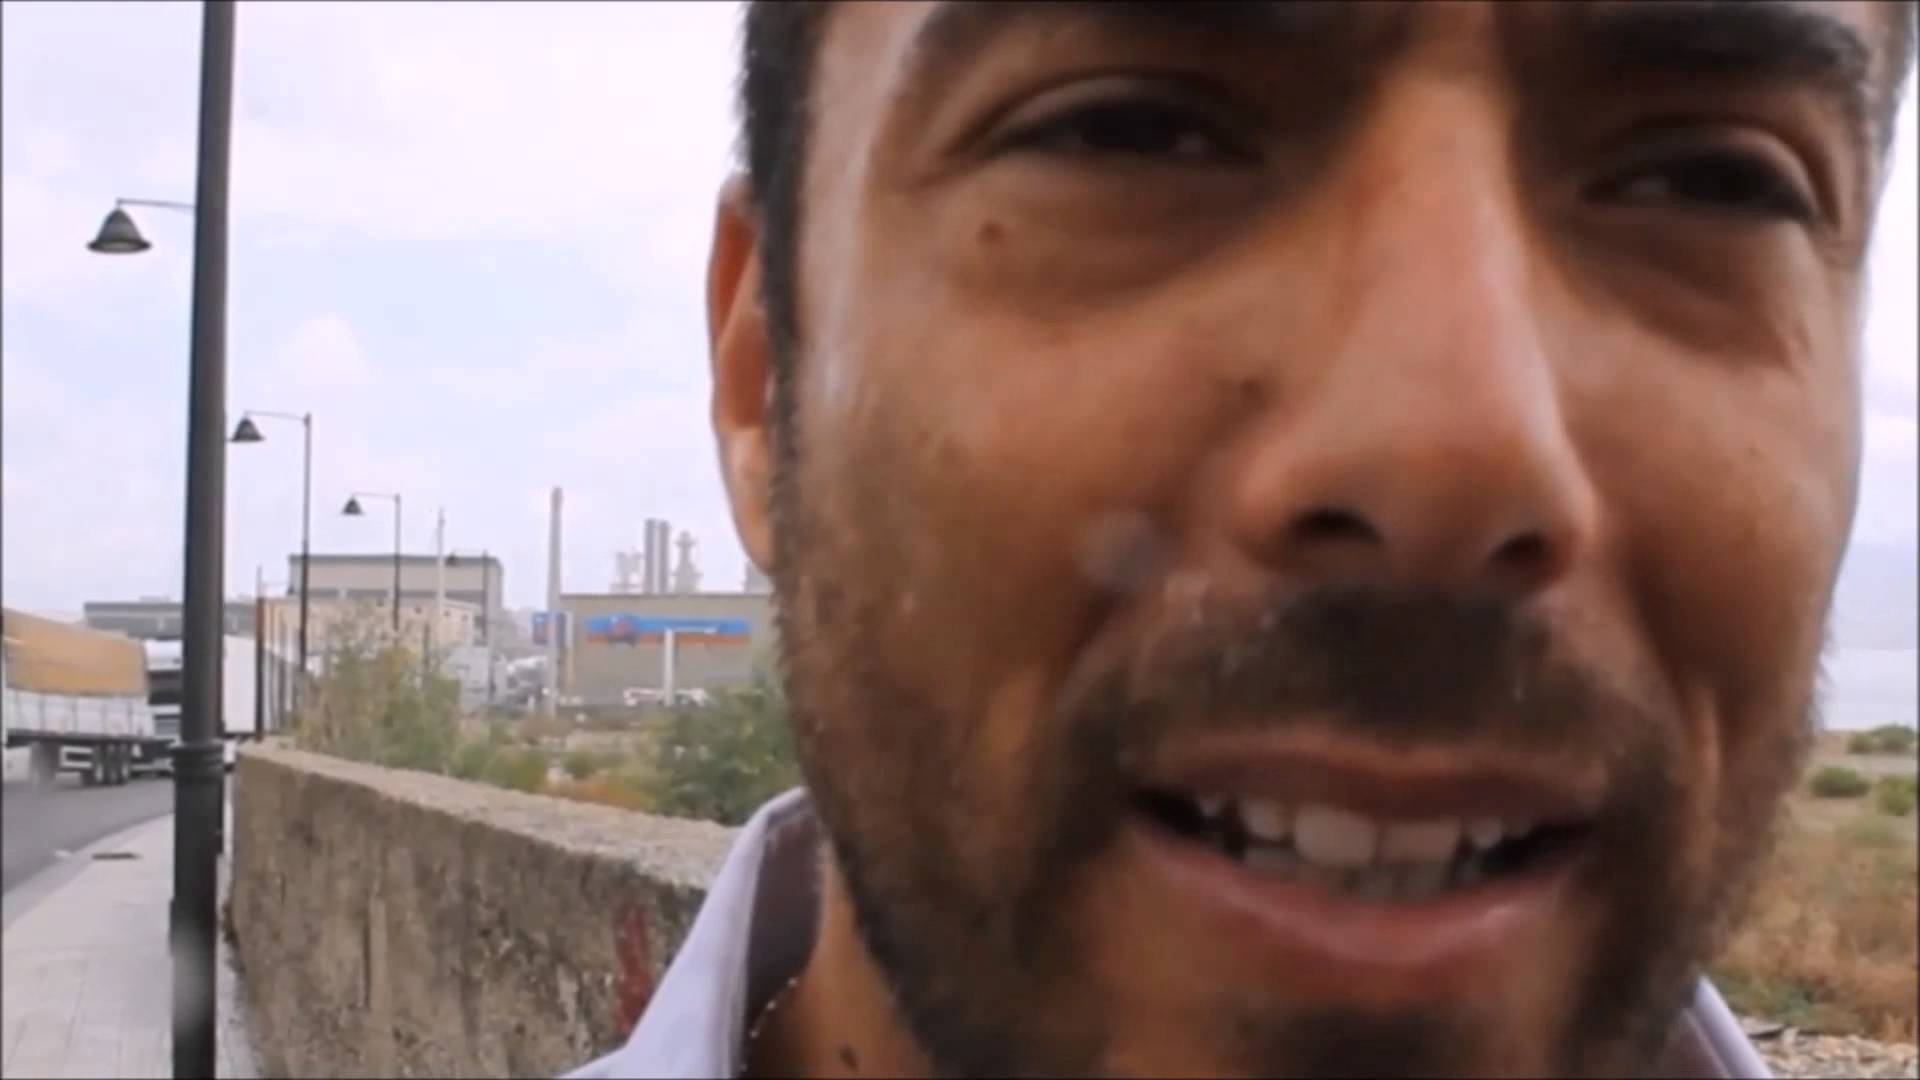 Blocco anti TIR sul cavalcavia:Intervista a Daniele Zuccarello